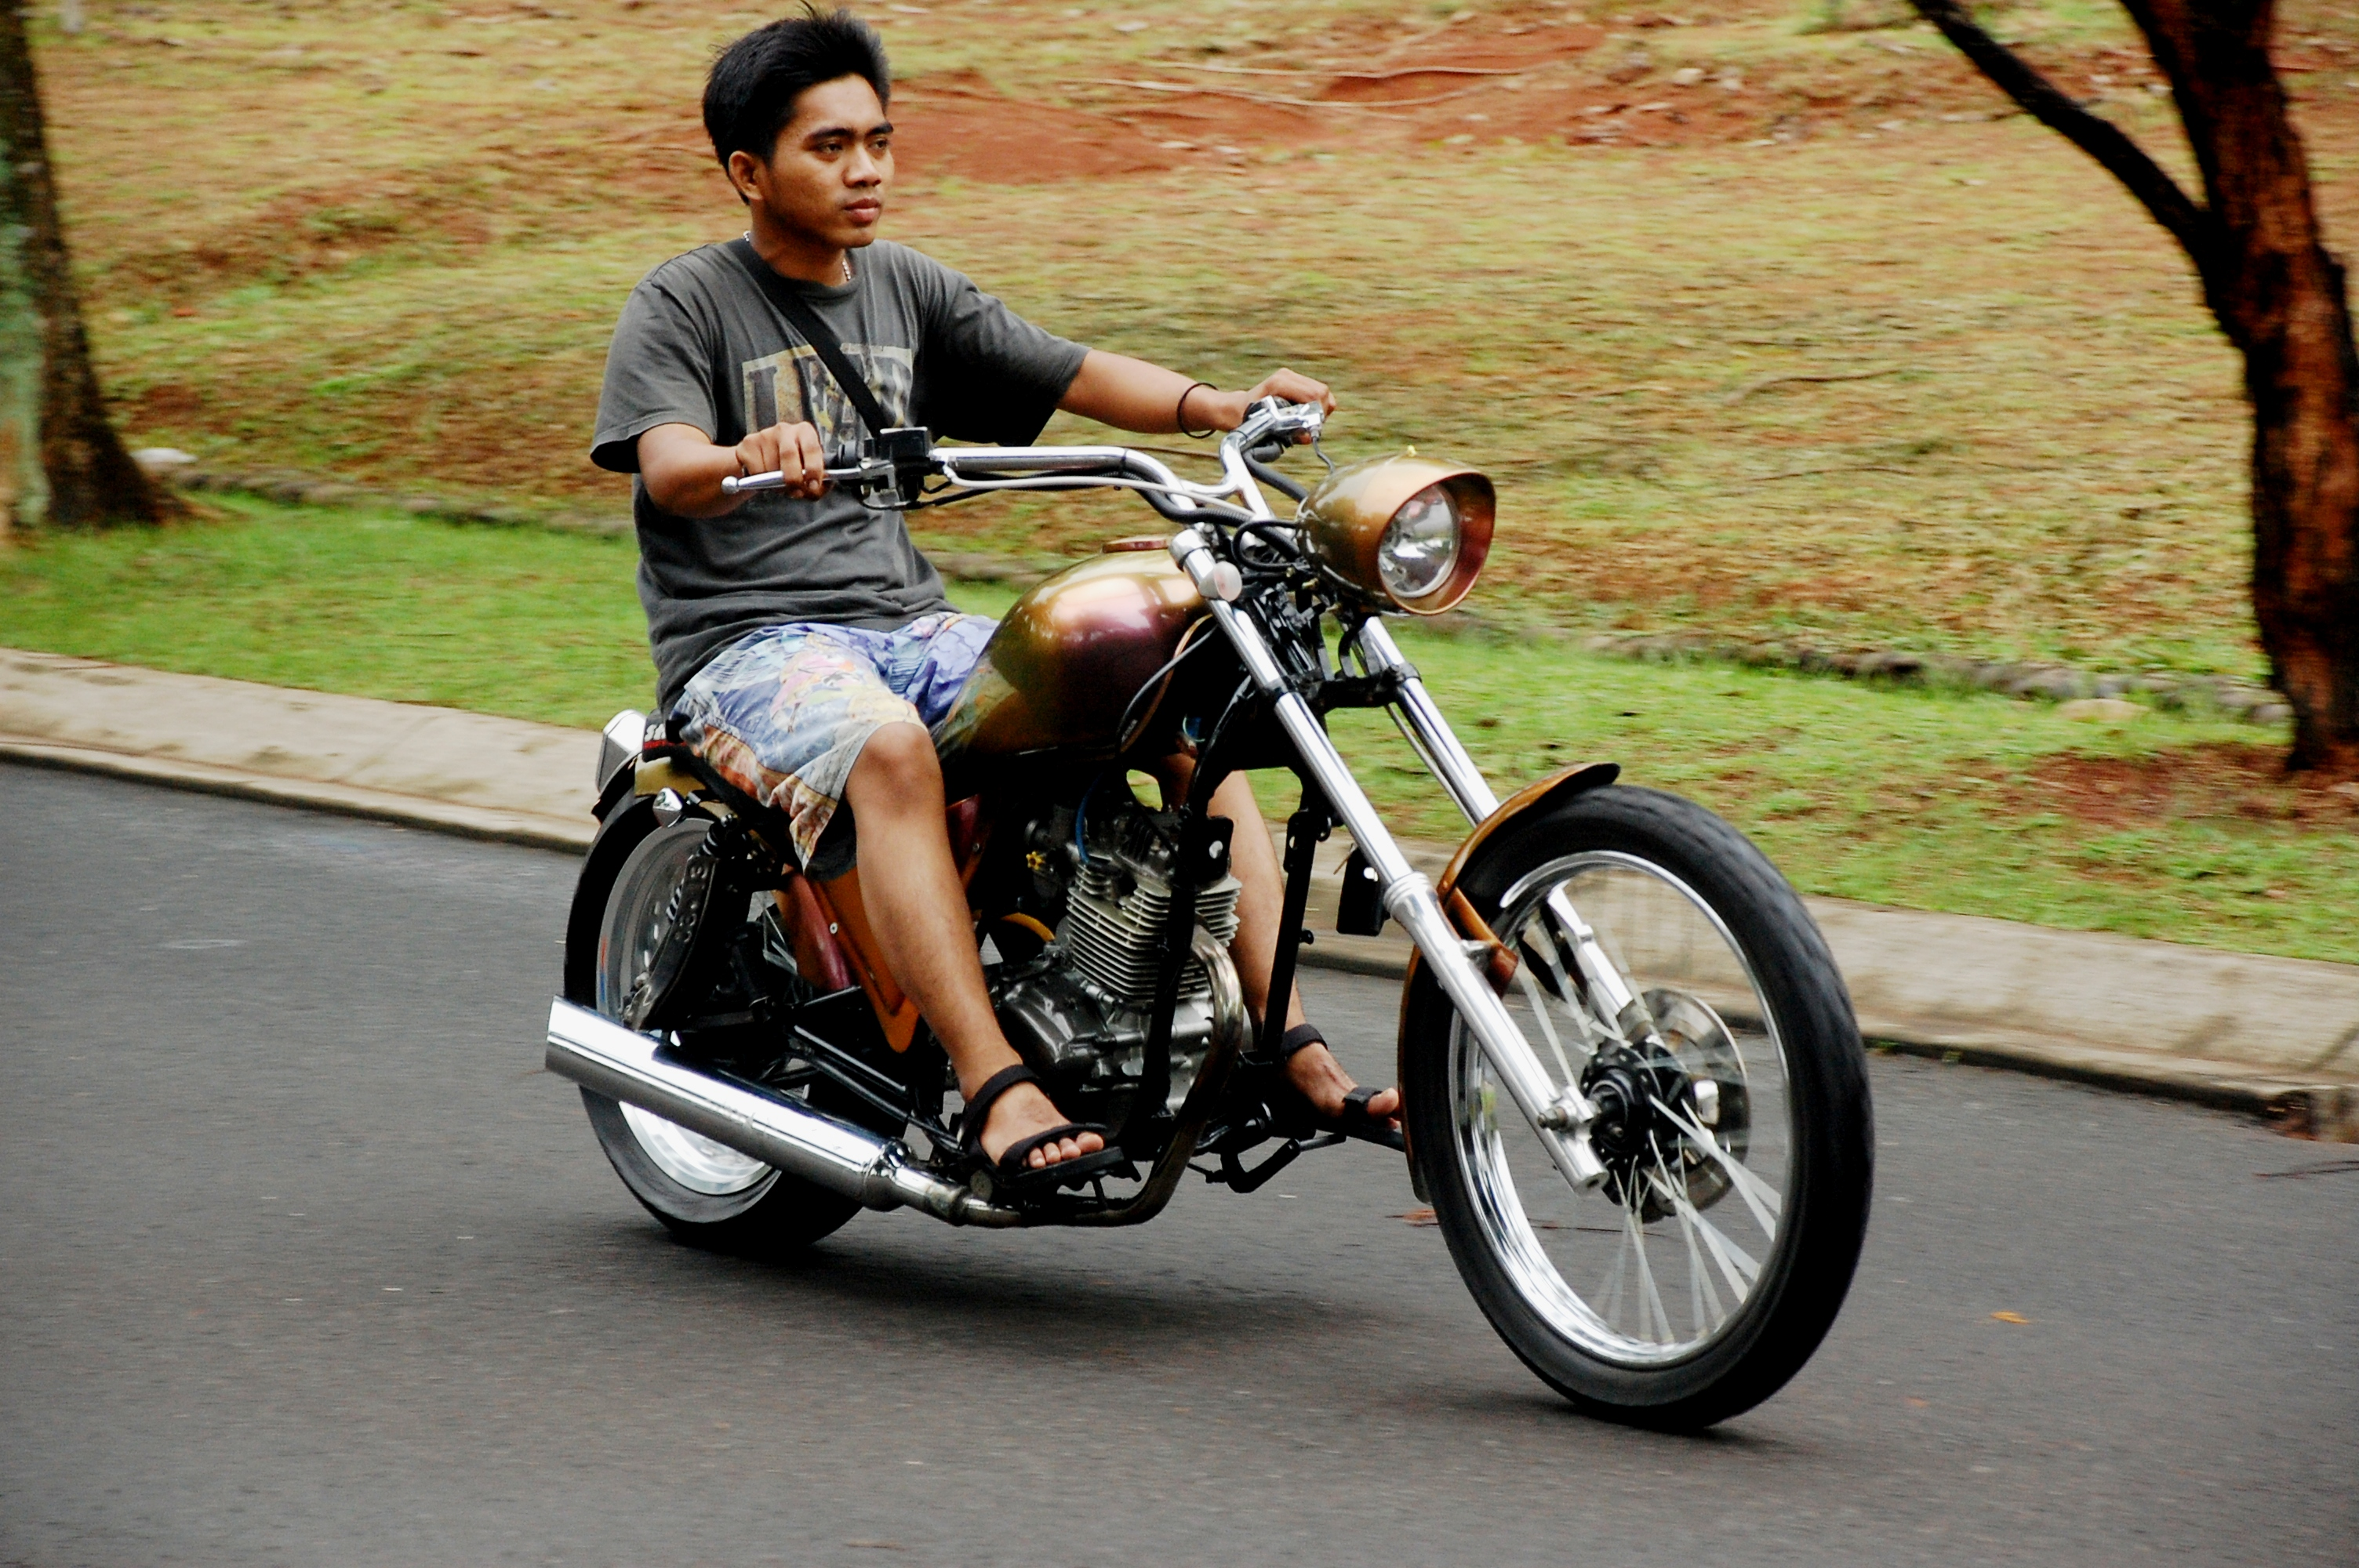 Koleksi Modif Honda Tiger Jadi Harley Terupdate Botol Modifikasi